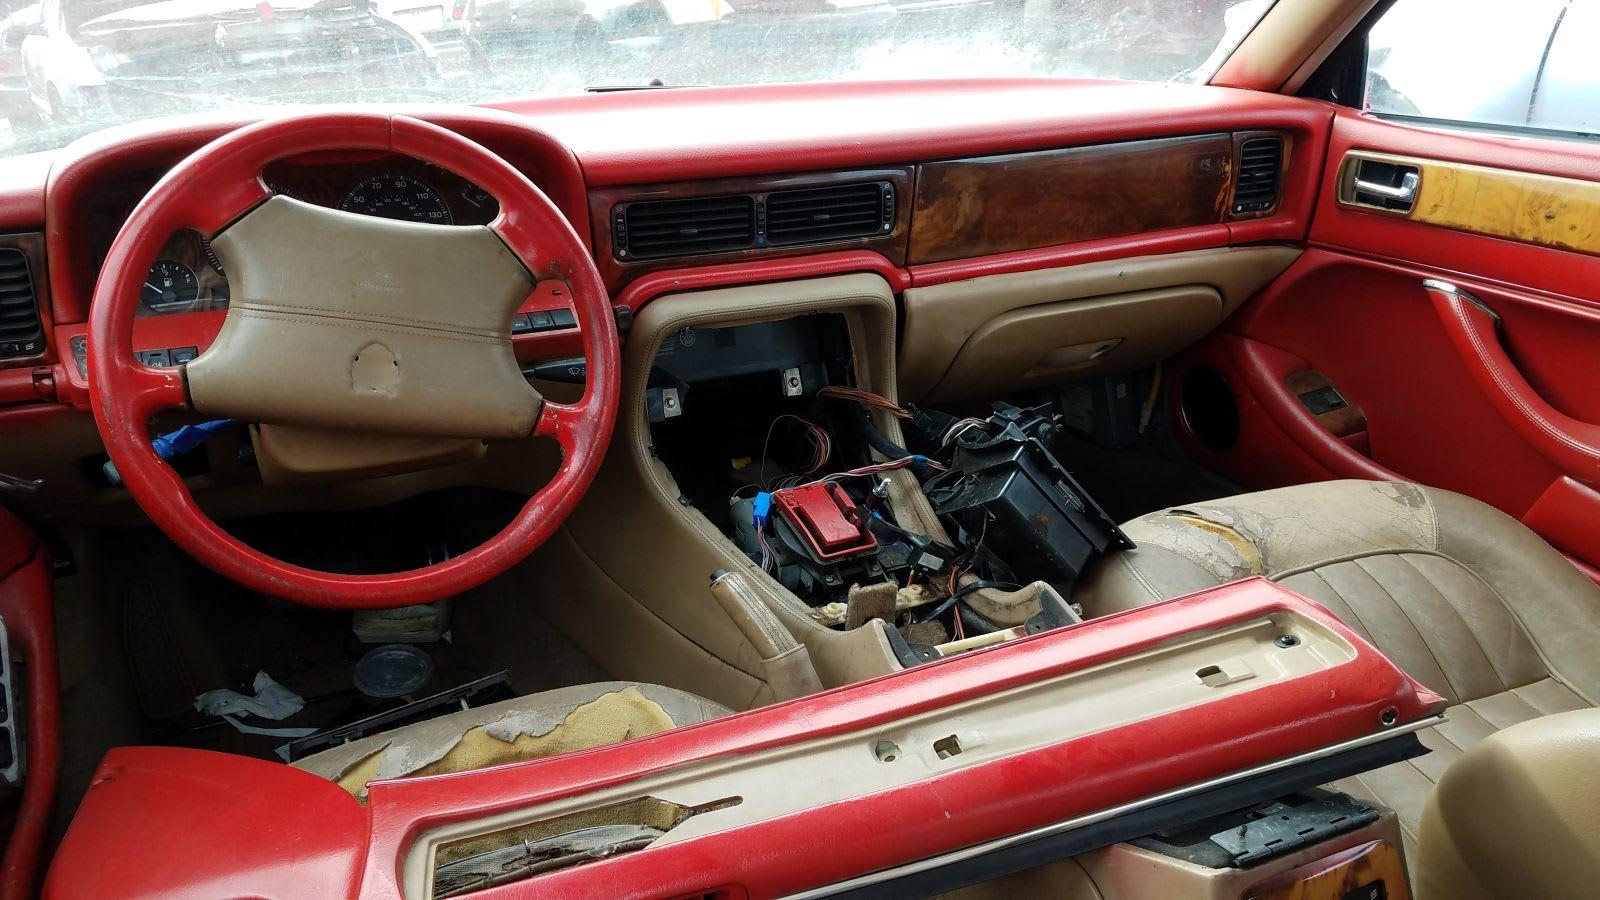 Junked 1996 Jaguar XJ6 and 1999 Mercedes-Benz E320